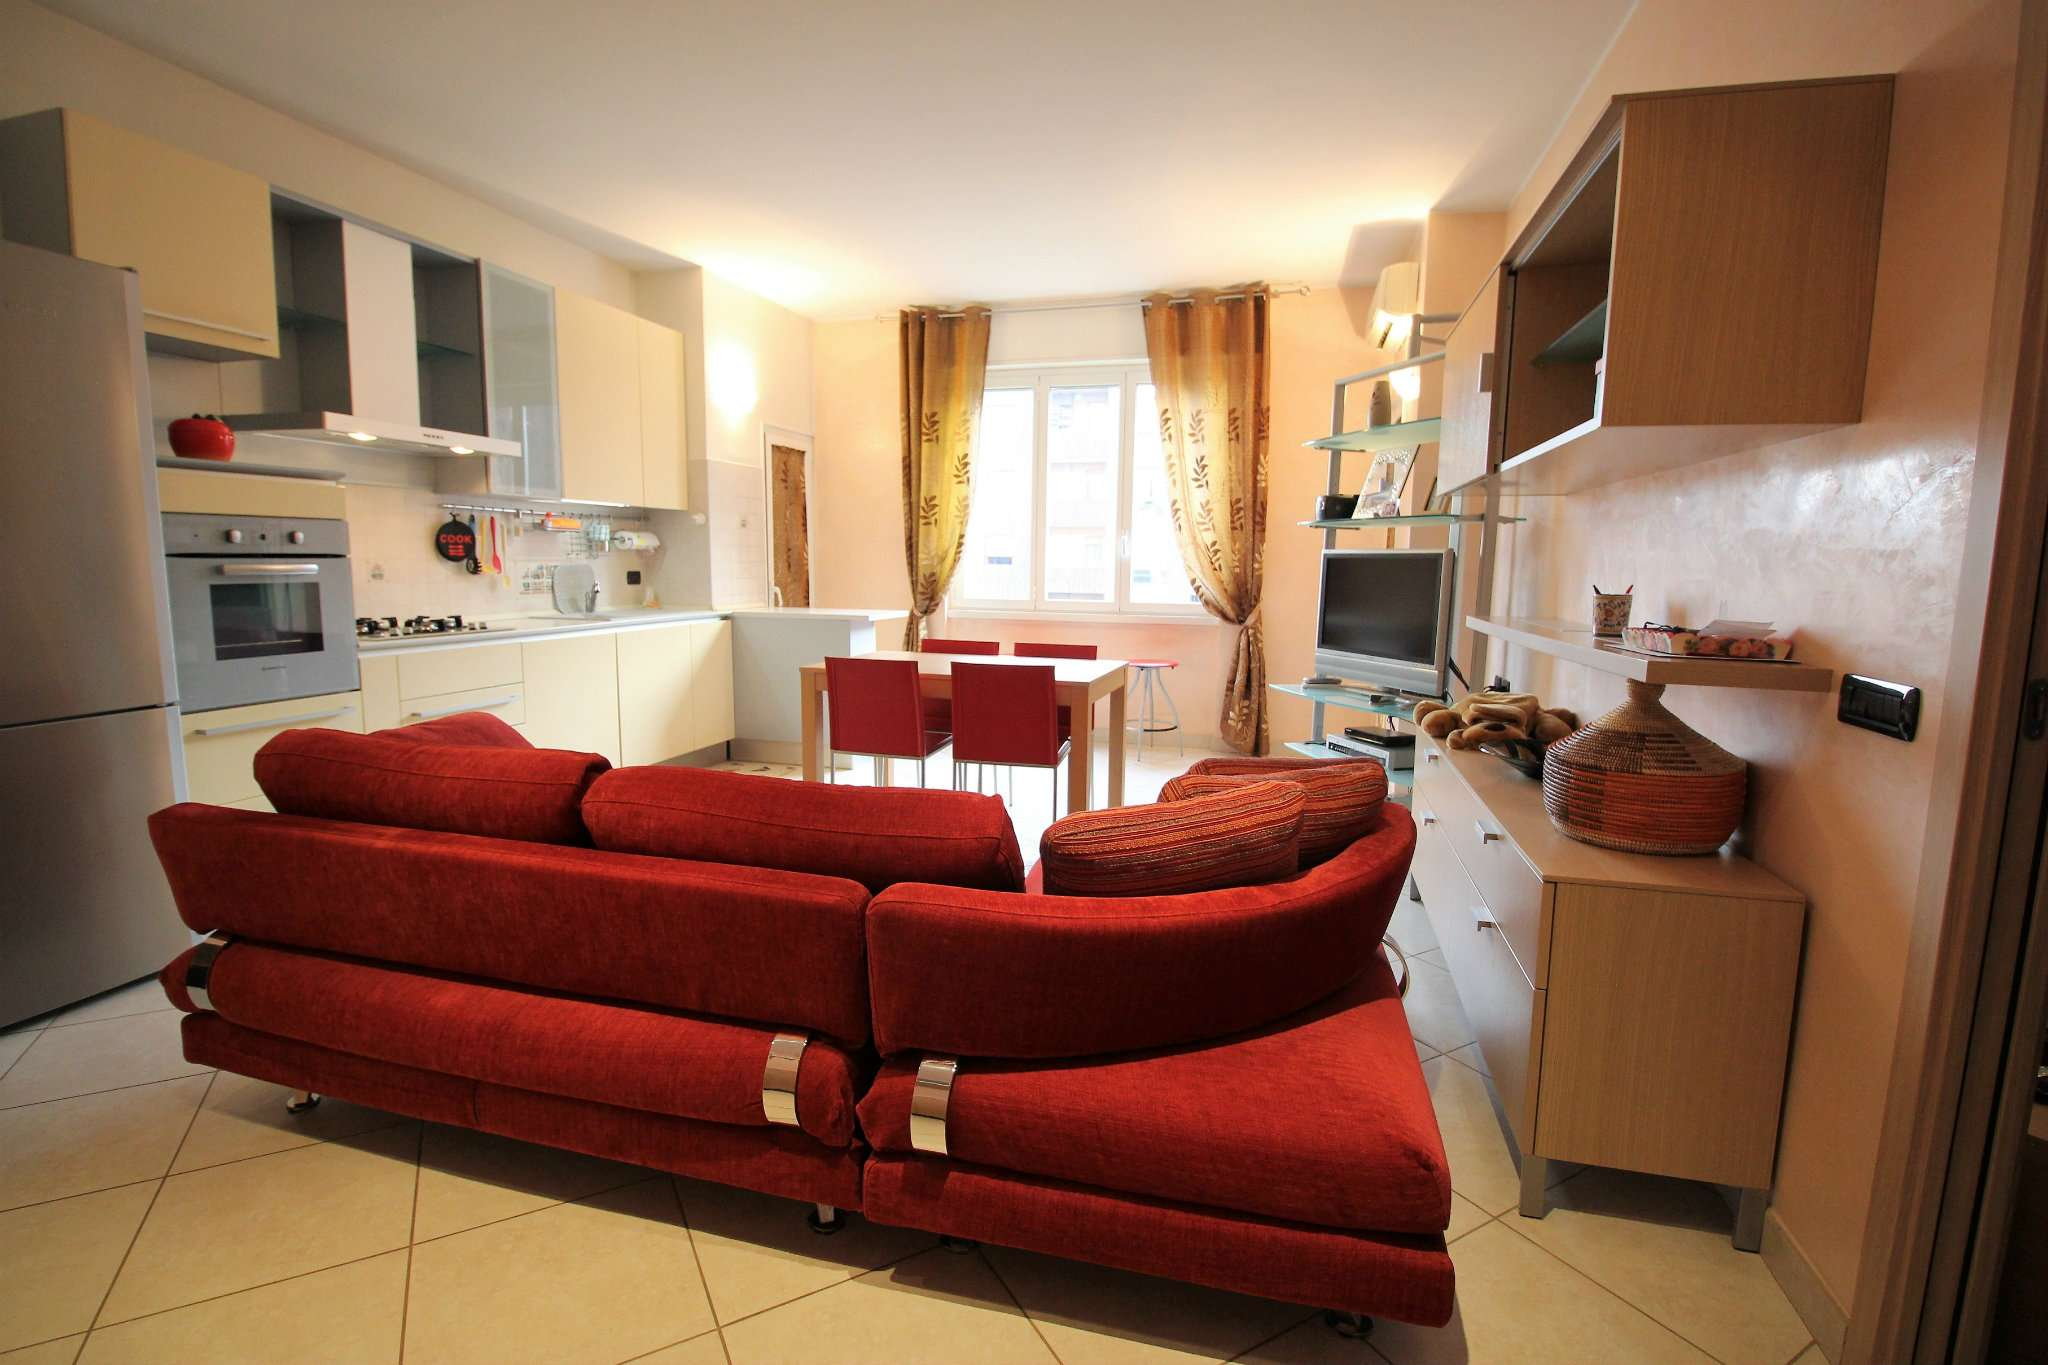 Appartamento in vendita a Bresso, 2 locali, prezzo € 128.000 | Cambio Casa.it